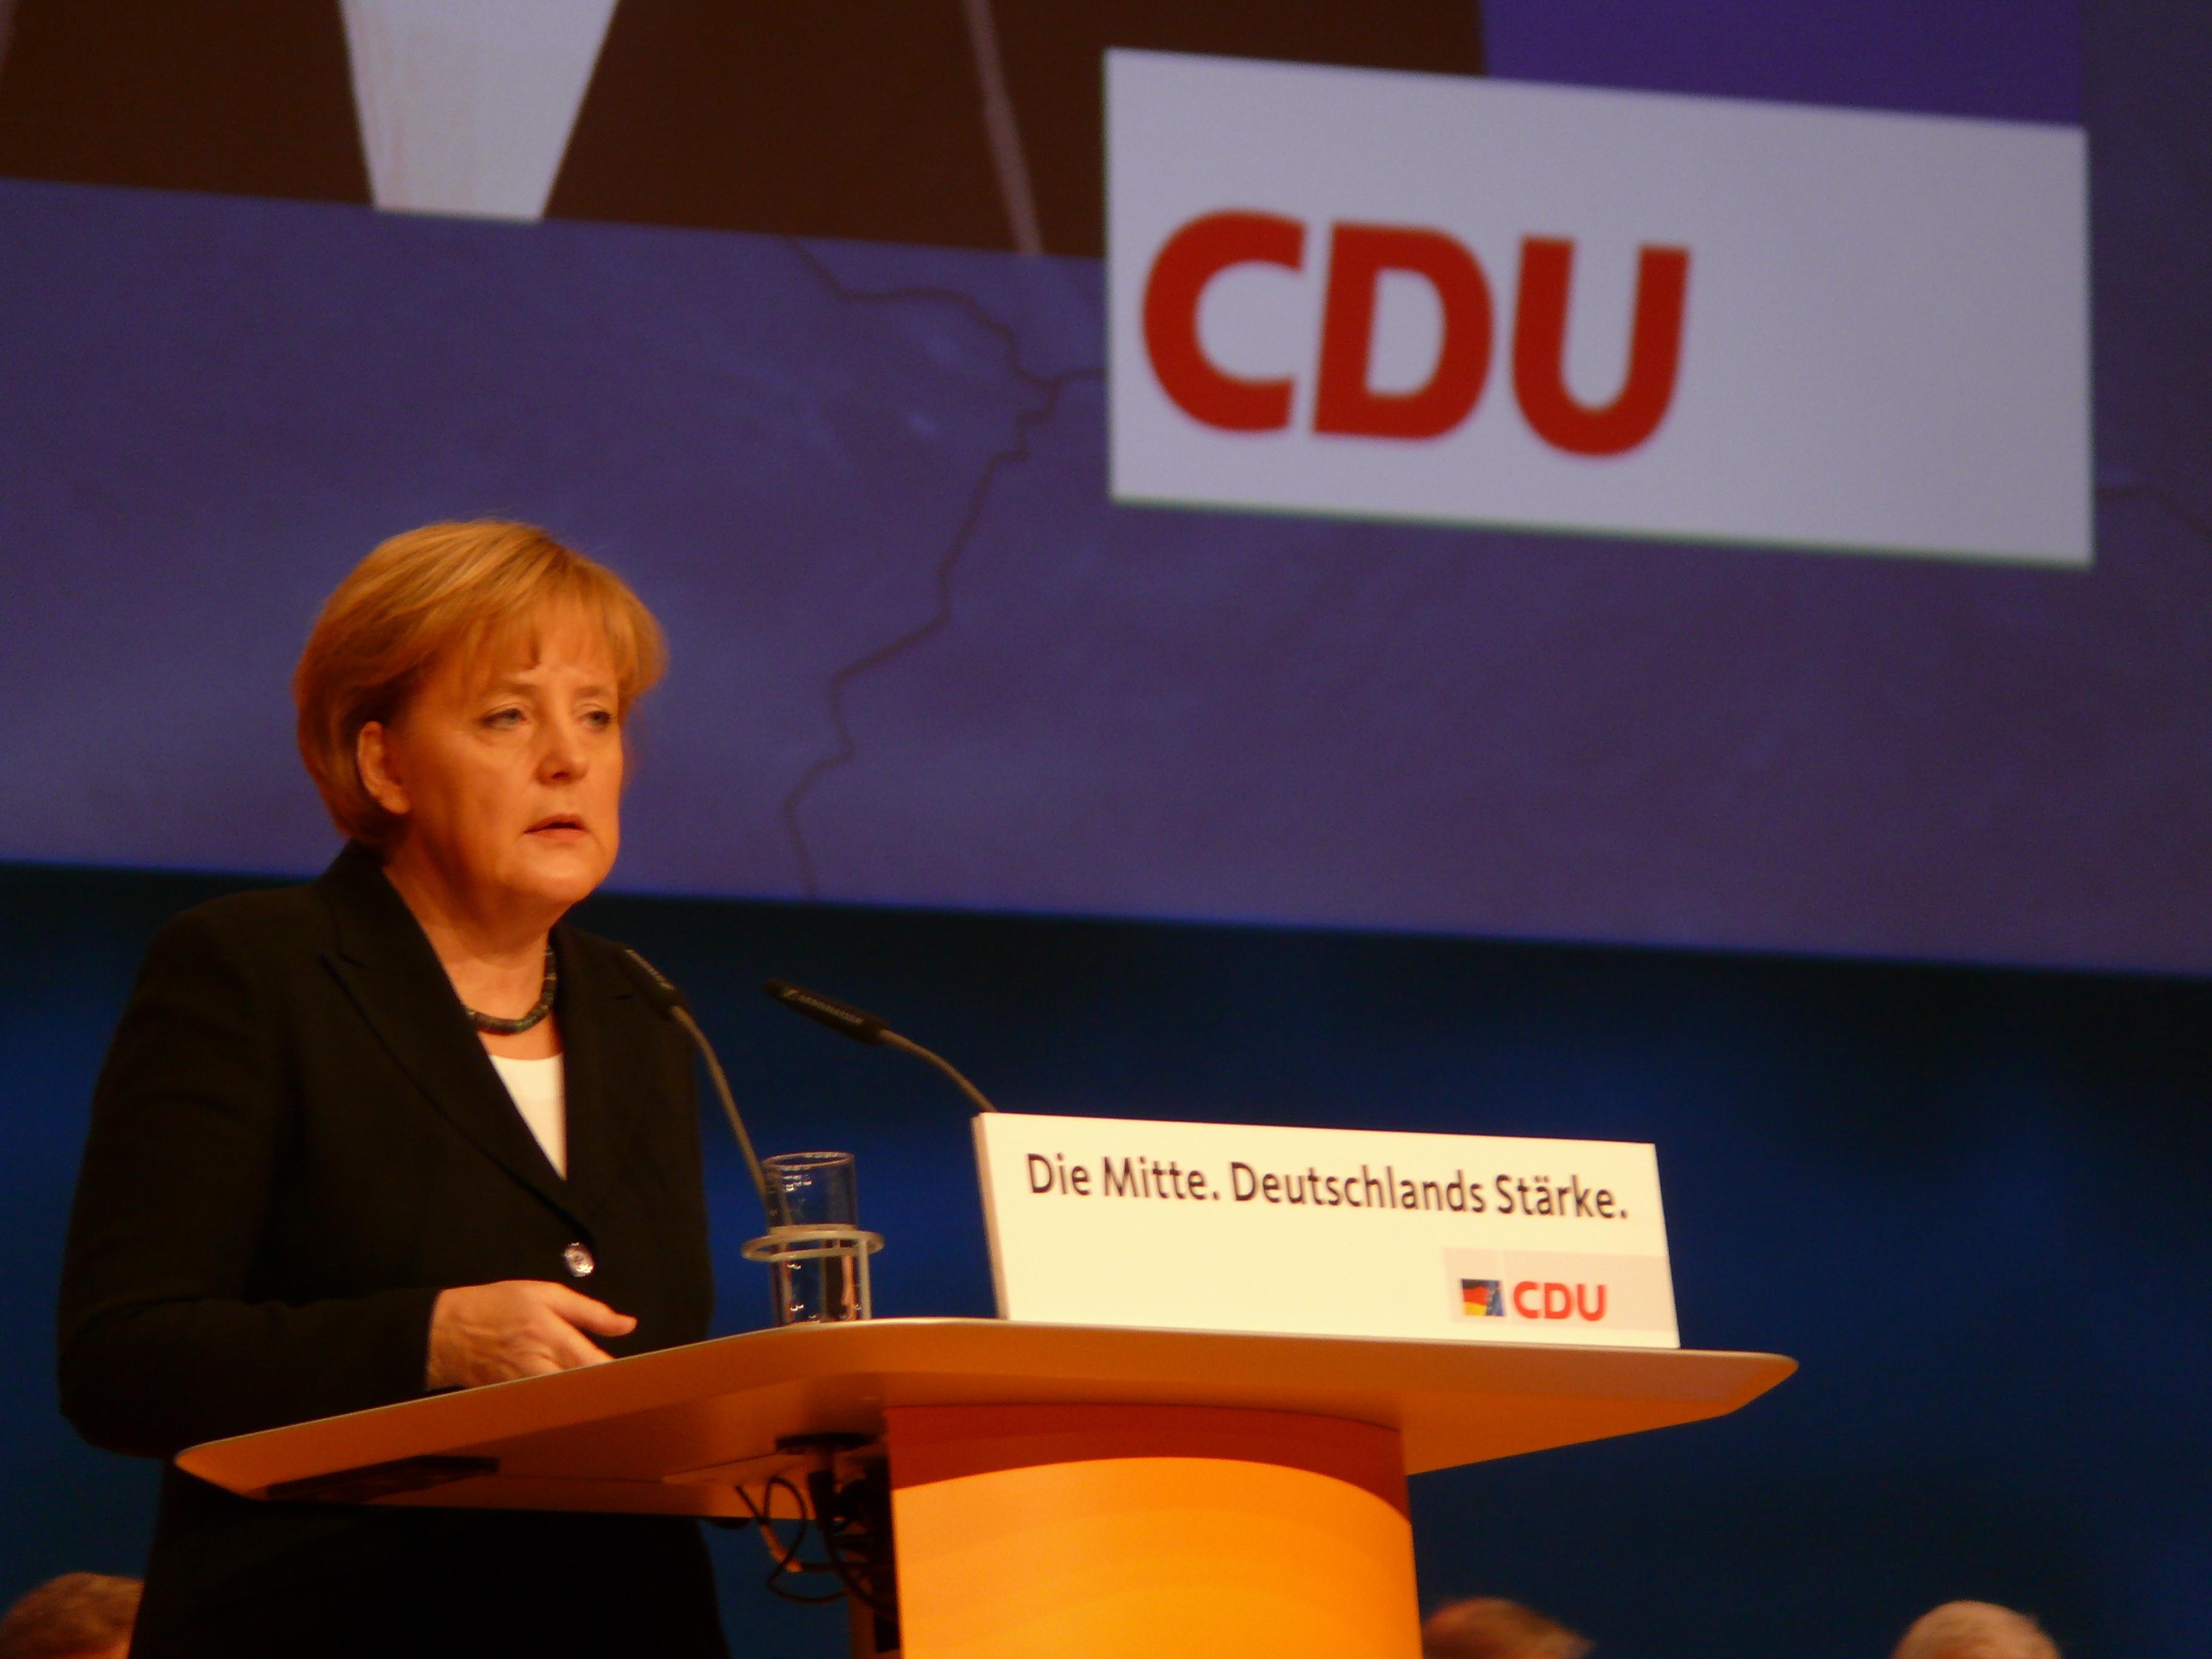 Nach den Überfallen von Köln: CDU-Spitze ist für eine harte Linie gegen straffällige Asylanten.